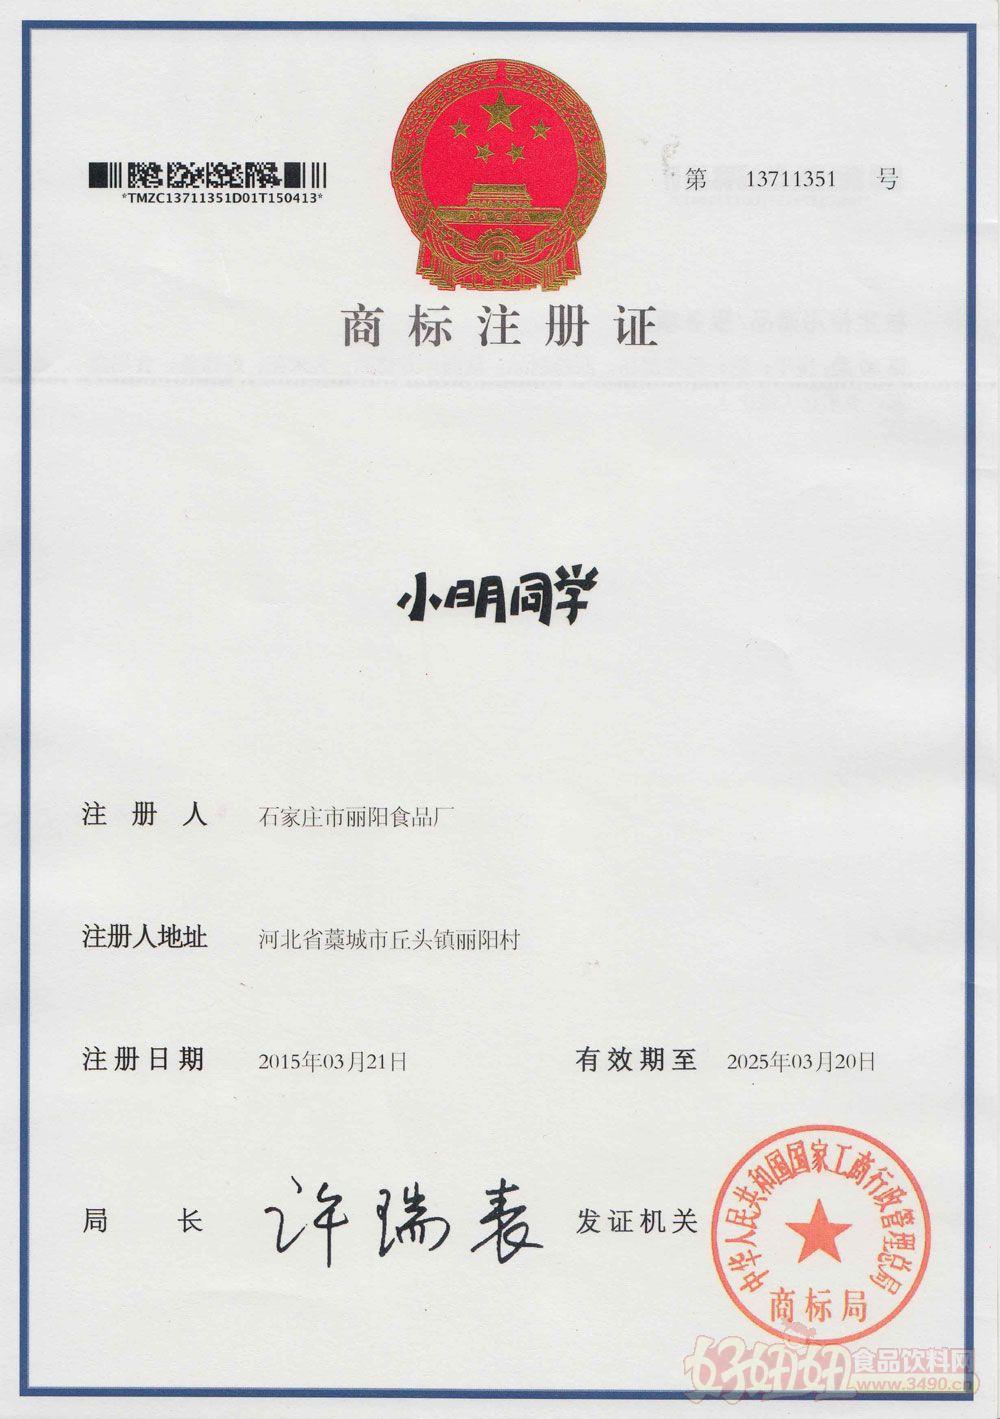 小明同学品牌运营中心商标注册证